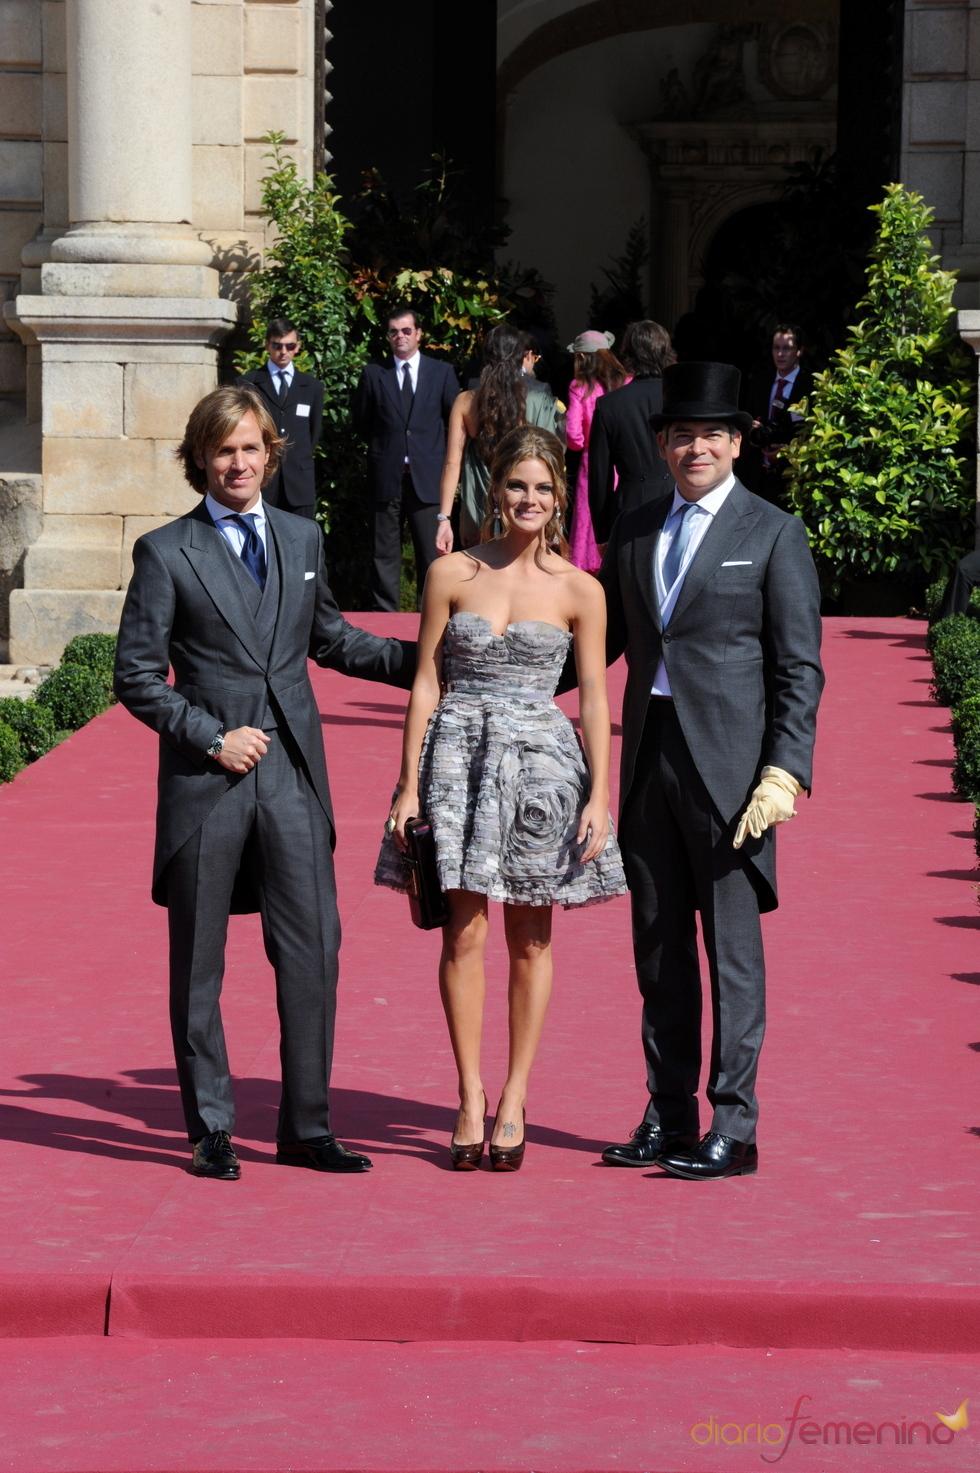 Amaia Salamanca, Rosauro Baro y Boris Izaguirre de boda en Sevilla